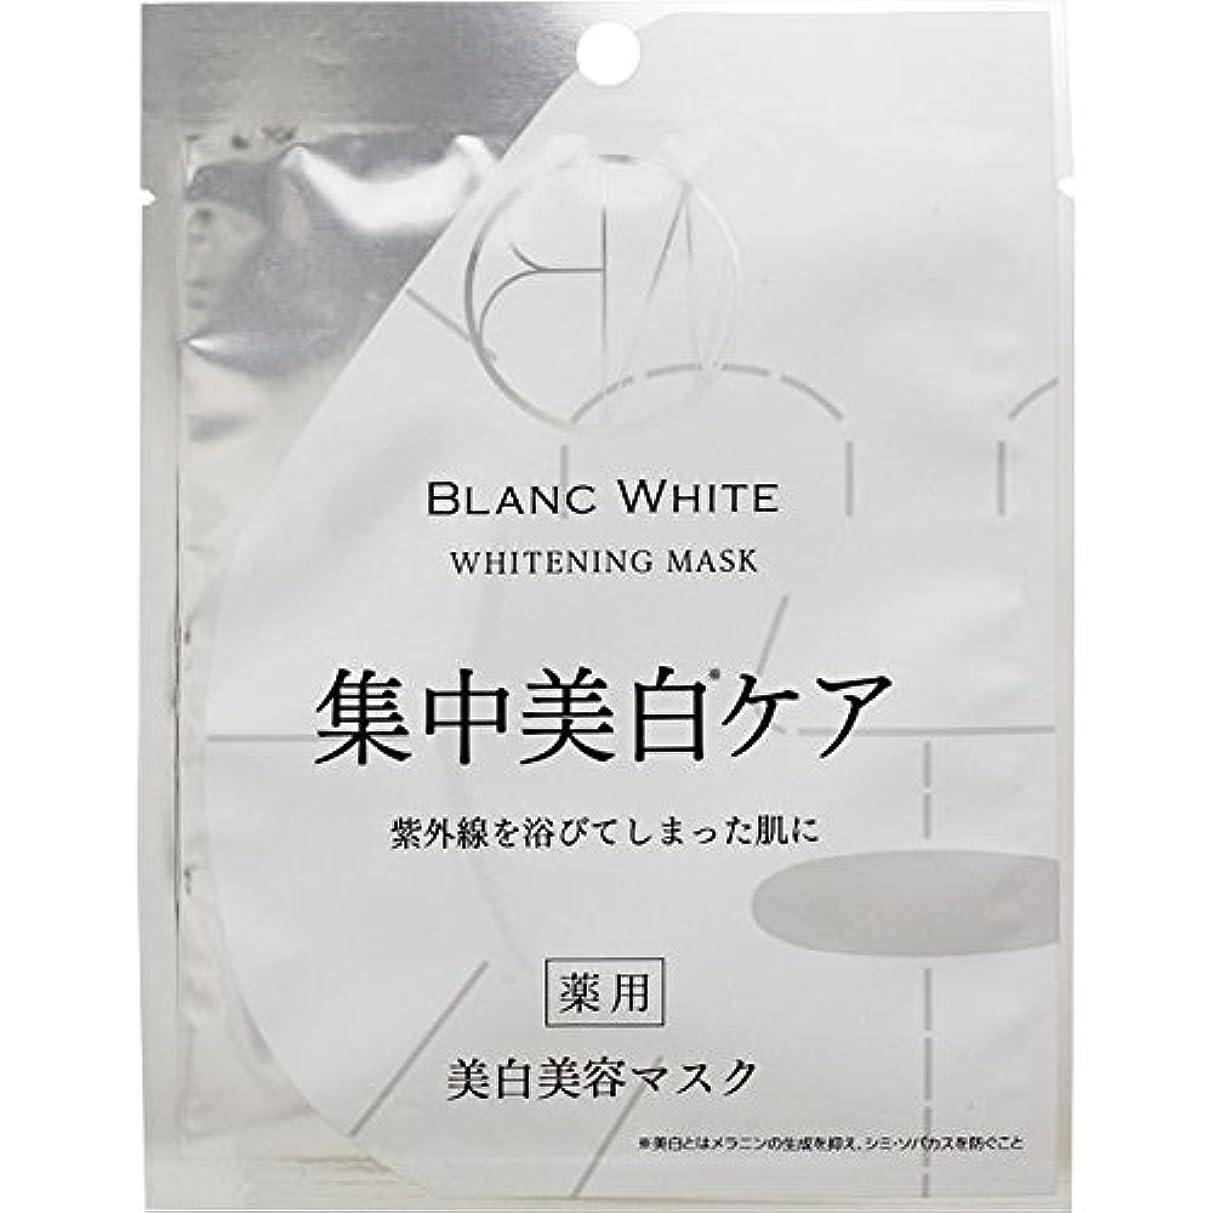 怖がらせる実験をする学部ブランホワイト ホワイトニングマスク 1枚【21ml】 (医薬部外品)